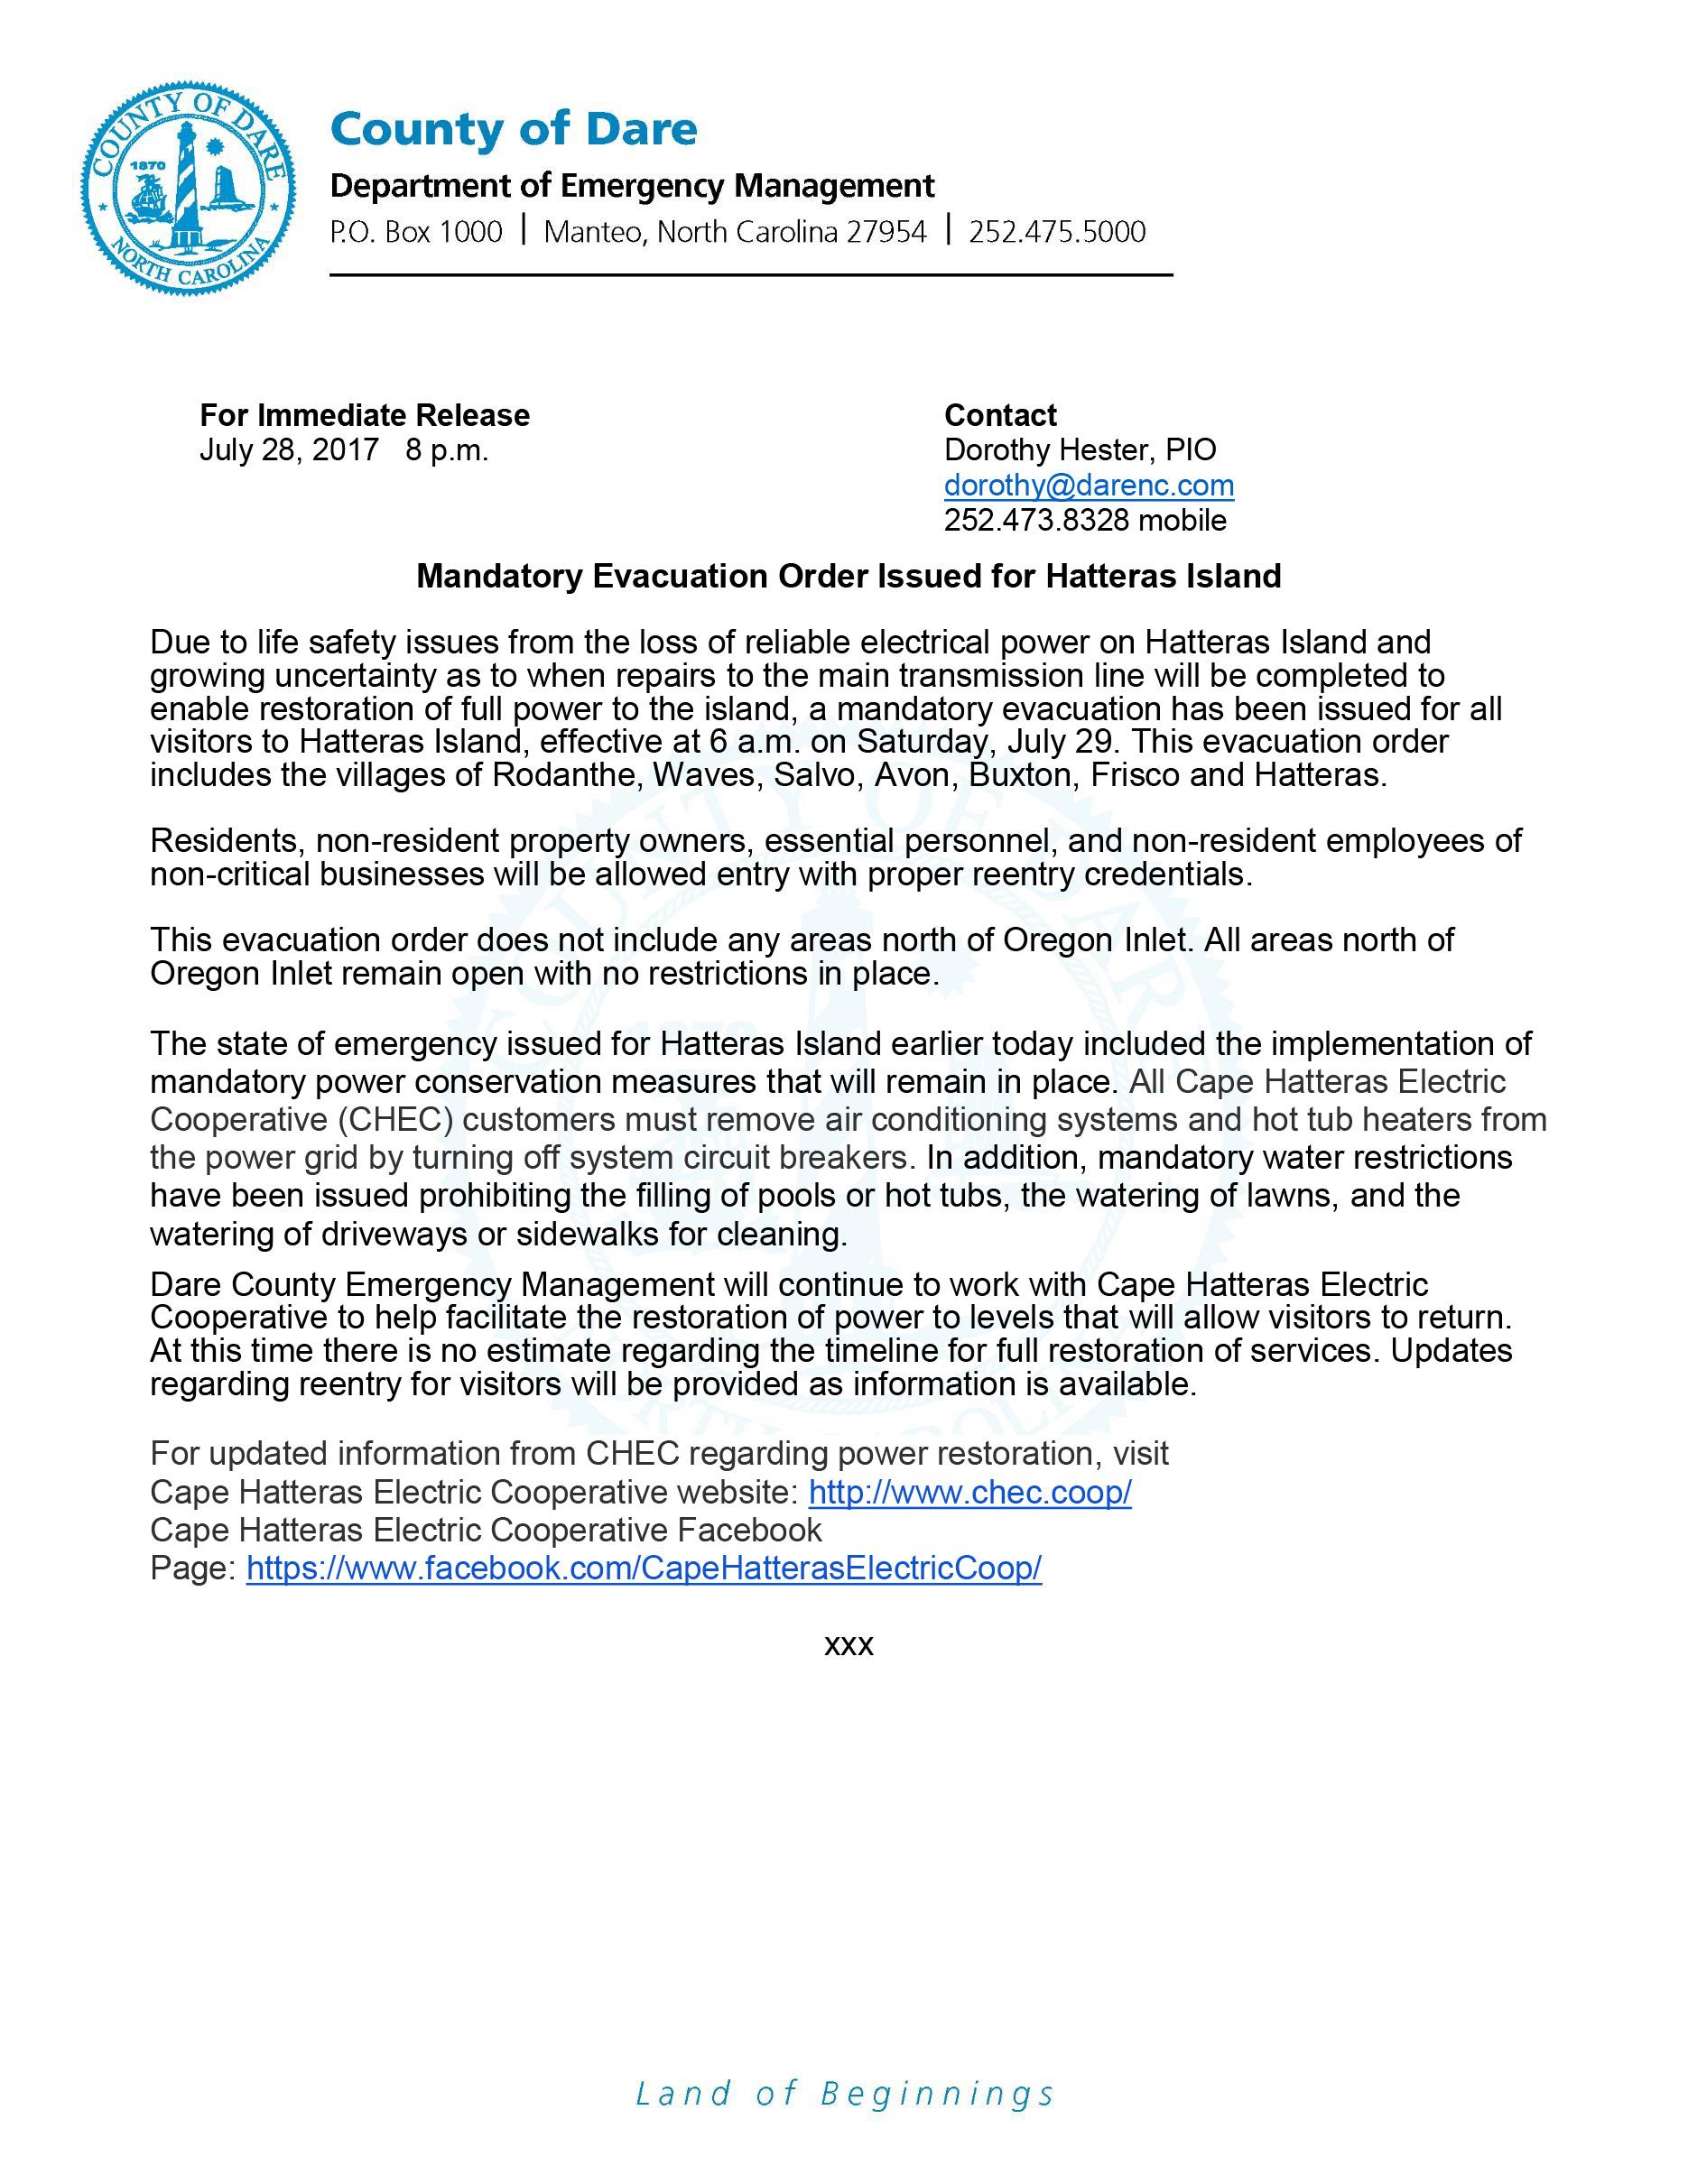 Evacuation Mandatory Issued Hatteras Island